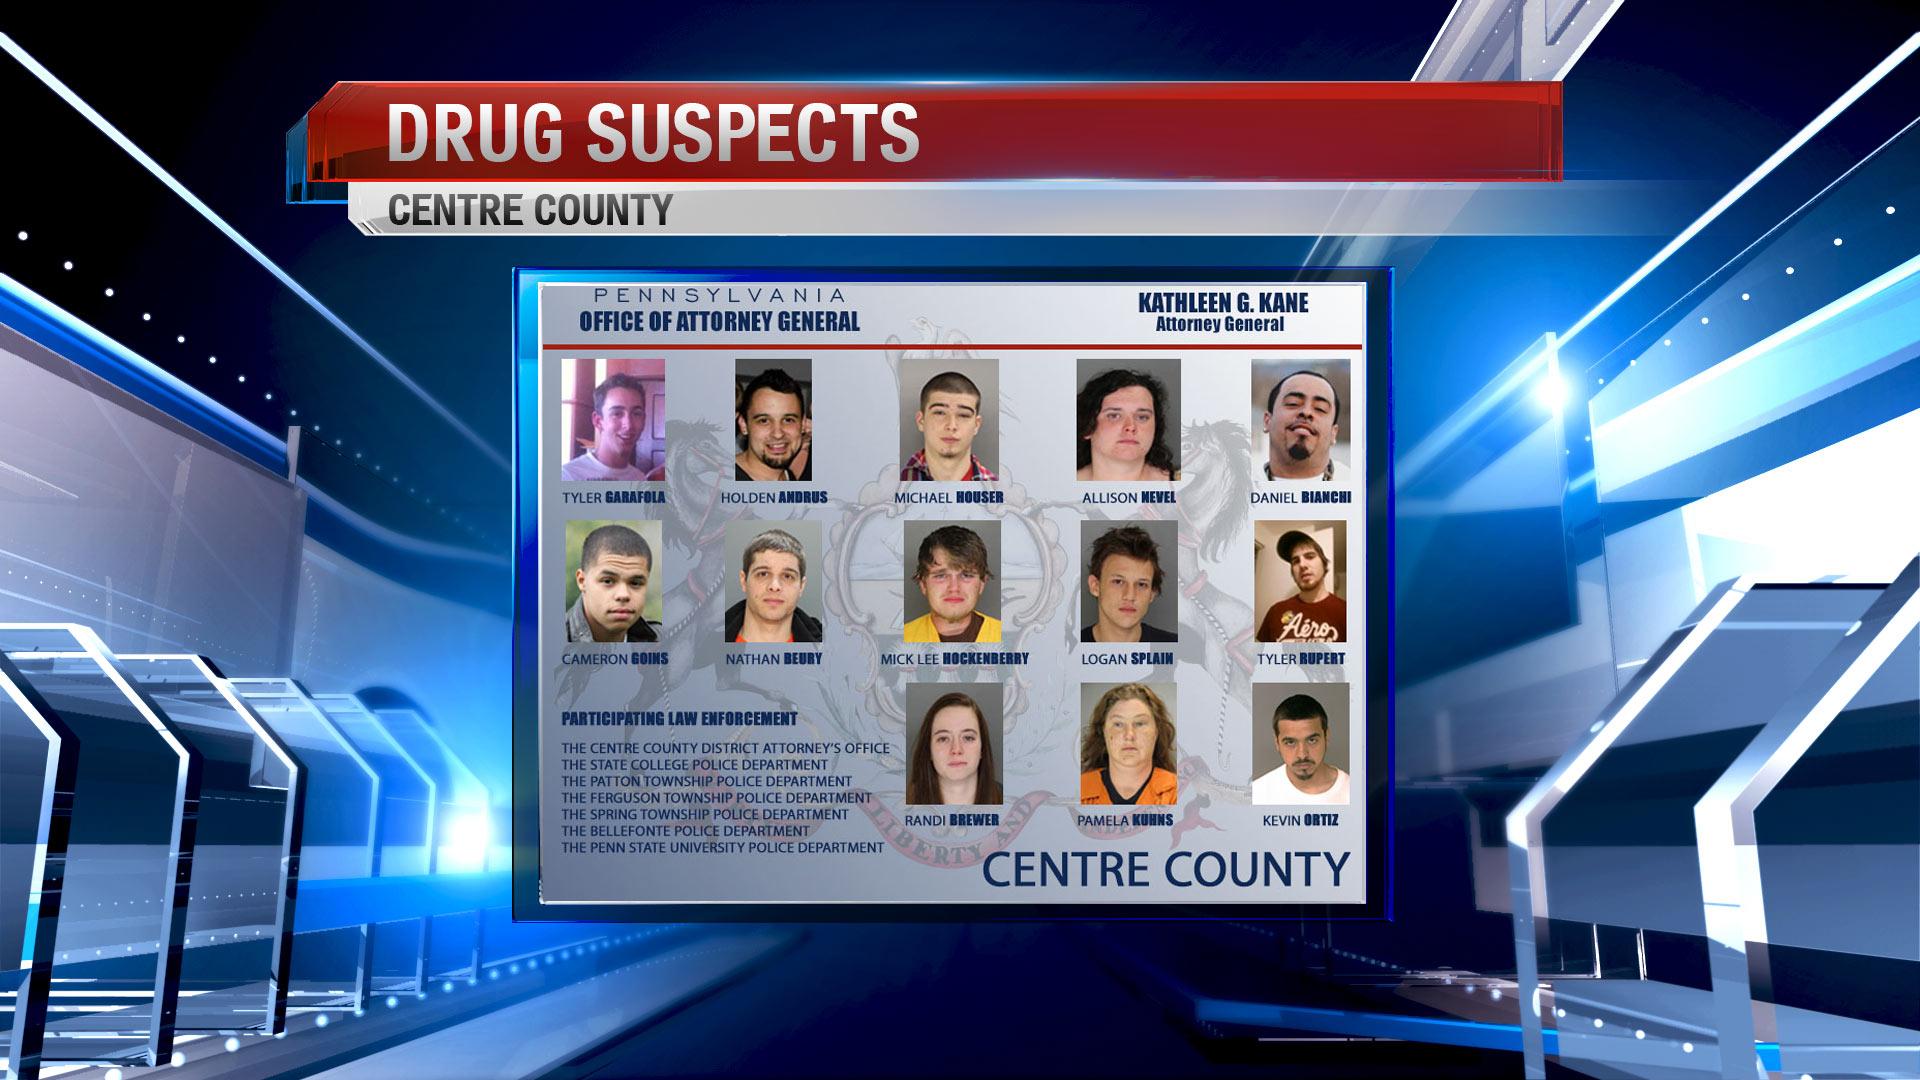 drug-suspects-7-21_FS_1469115390696.jpg